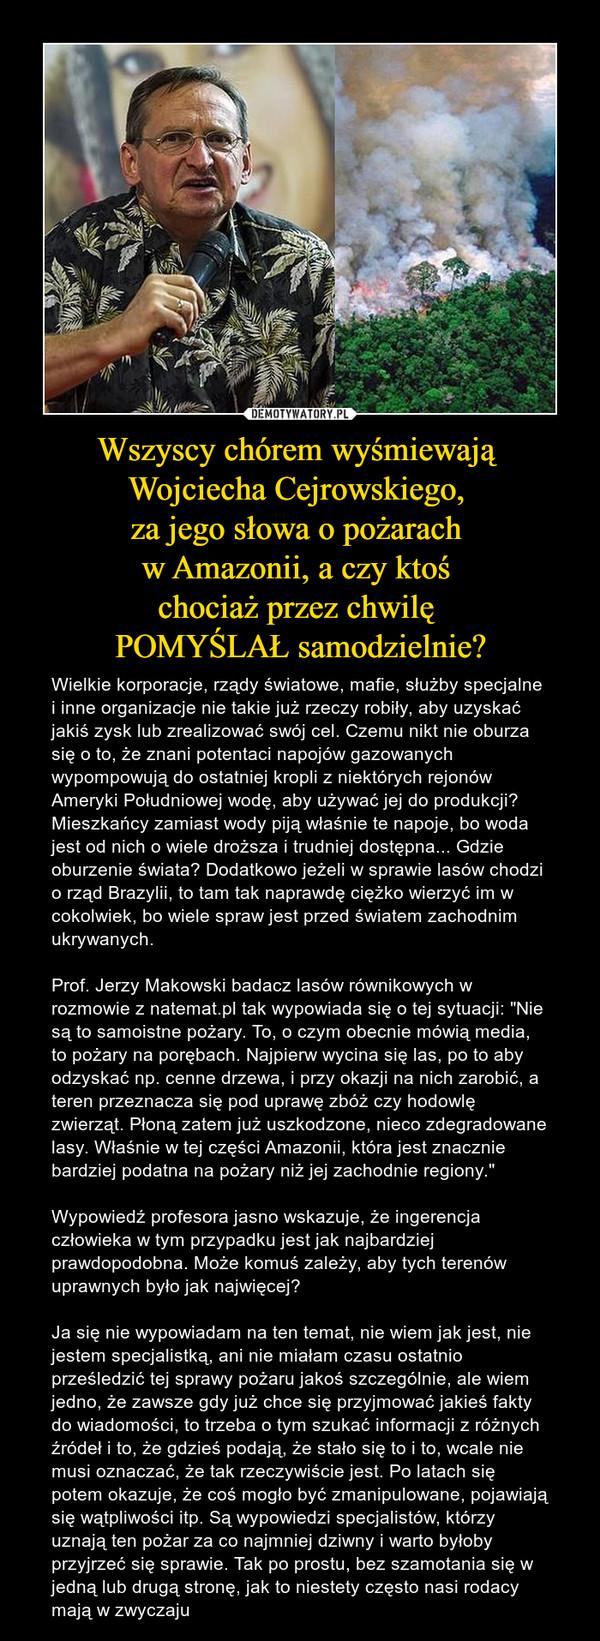 """Wszyscy chórem wyśmiewają Wojciecha Cejrowskiego, za jego słowa o pożarach w Amazonii, a czy ktoś chociaż przez chwilę POMYŚLAŁ samodzielnie? – Wielkie korporacje, rządy światowe, mafie, służby specjalne i inne organizacje nie takie już rzeczy robiły, aby uzyskać jakiś zysk lub zrealizować swój cel. Czemu nikt nie oburza się o to, że znani potentaci napojów gazowanych wypompowują do ostatniej kropli z niektórych rejonów Ameryki Południowej wodę, aby używać jej do produkcji? Mieszkańcy zamiast wody piją właśnie te napoje, bo woda jest od nich o wiele droższa i trudniej dostępna... Gdzie oburzenie świata? Dodatkowo jeżeli w sprawie lasów chodzi o rząd Brazylii, to tam tak naprawdę ciężko wierzyć im w cokolwiek, bo wiele spraw jest przed światem zachodnim ukrywanych.Prof. Jerzy Makowski badacz lasów równikowych w rozmowie z natemat.pl tak wypowiada się o tej sytuacji: """"Nie są to samoistne pożary. To, o czym obecnie mówią media, to pożary na porębach. Najpierw wycina się las, po to aby odzyskać np. cenne drzewa, i przy okazji na nich zarobić, a teren przeznacza się pod uprawę zbóż czy hodowlę zwierząt. Płoną zatem już uszkodzone, nieco zdegradowane lasy. Właśnie w tej części Amazonii, która jest znacznie bardziej podatna na pożary niż jej zachodnie regiony.""""Wypowiedź profesora jasno wskazuje, że ingerencja człowieka w tym przypadku jest jak najbardziej prawdopodobna. Może komuś zależy, aby tych terenów uprawnych było jak najwięcej?Ja się nie wypowiadam na ten temat, nie wiem jak jest, nie jestem specjalistką, ani nie miałam czasu ostatnio prześledzić tej sprawy pożaru jakoś szczególnie, ale wiem jedno, że zawsze gdy już chce się przyjmować jakieś fakty do wiadomości, to trzeba o tym szukać informacji z różnych źródeł i to, że gdzieś podają, że stało się to i to, wcale nie musi oznaczać, że tak rzeczywiście jest. Po latach się potem okazuje, że coś mogło być zmanipulowane, pojawiają się wątpliwości itp. Są wypowiedzi specjalistów, którzy uznają ten pożar za co najmniej d"""